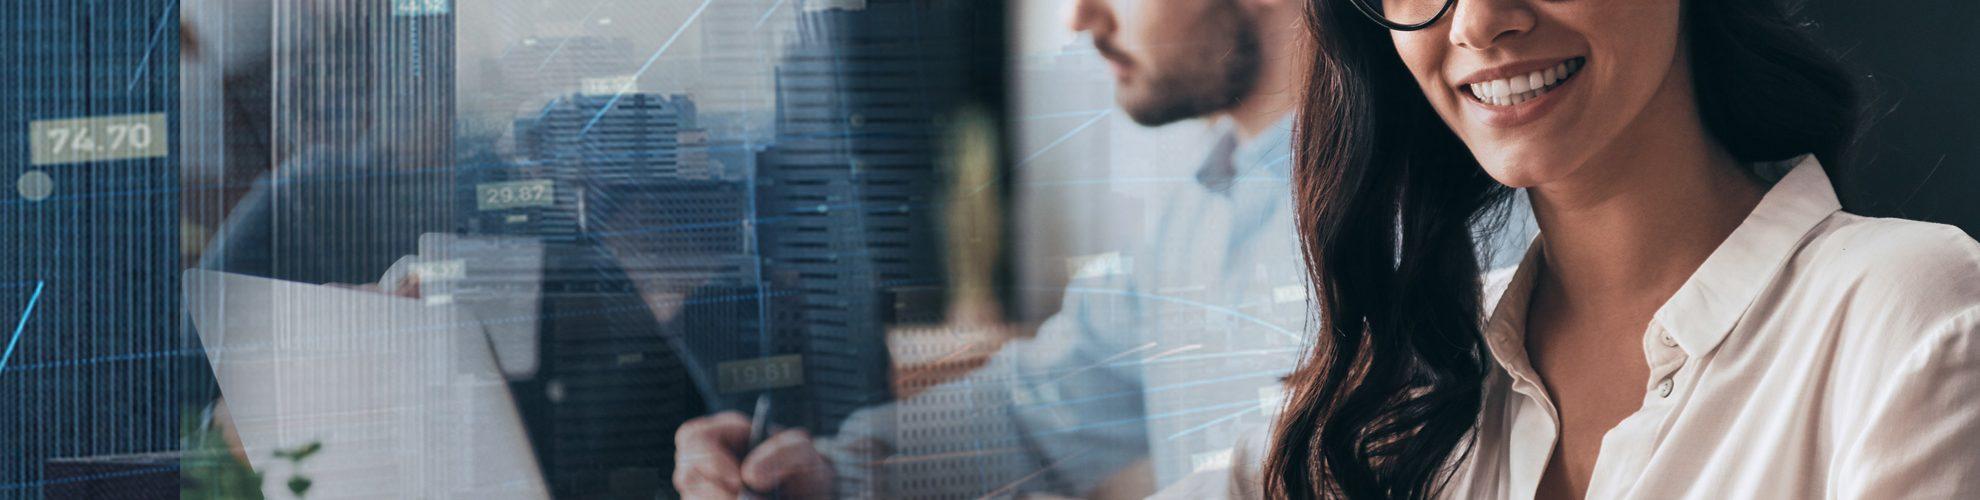 Le novità, gli obblighi e i benefici alle aziende previsti dal nuovo Codice di crisi d'impresa e insolvenza.